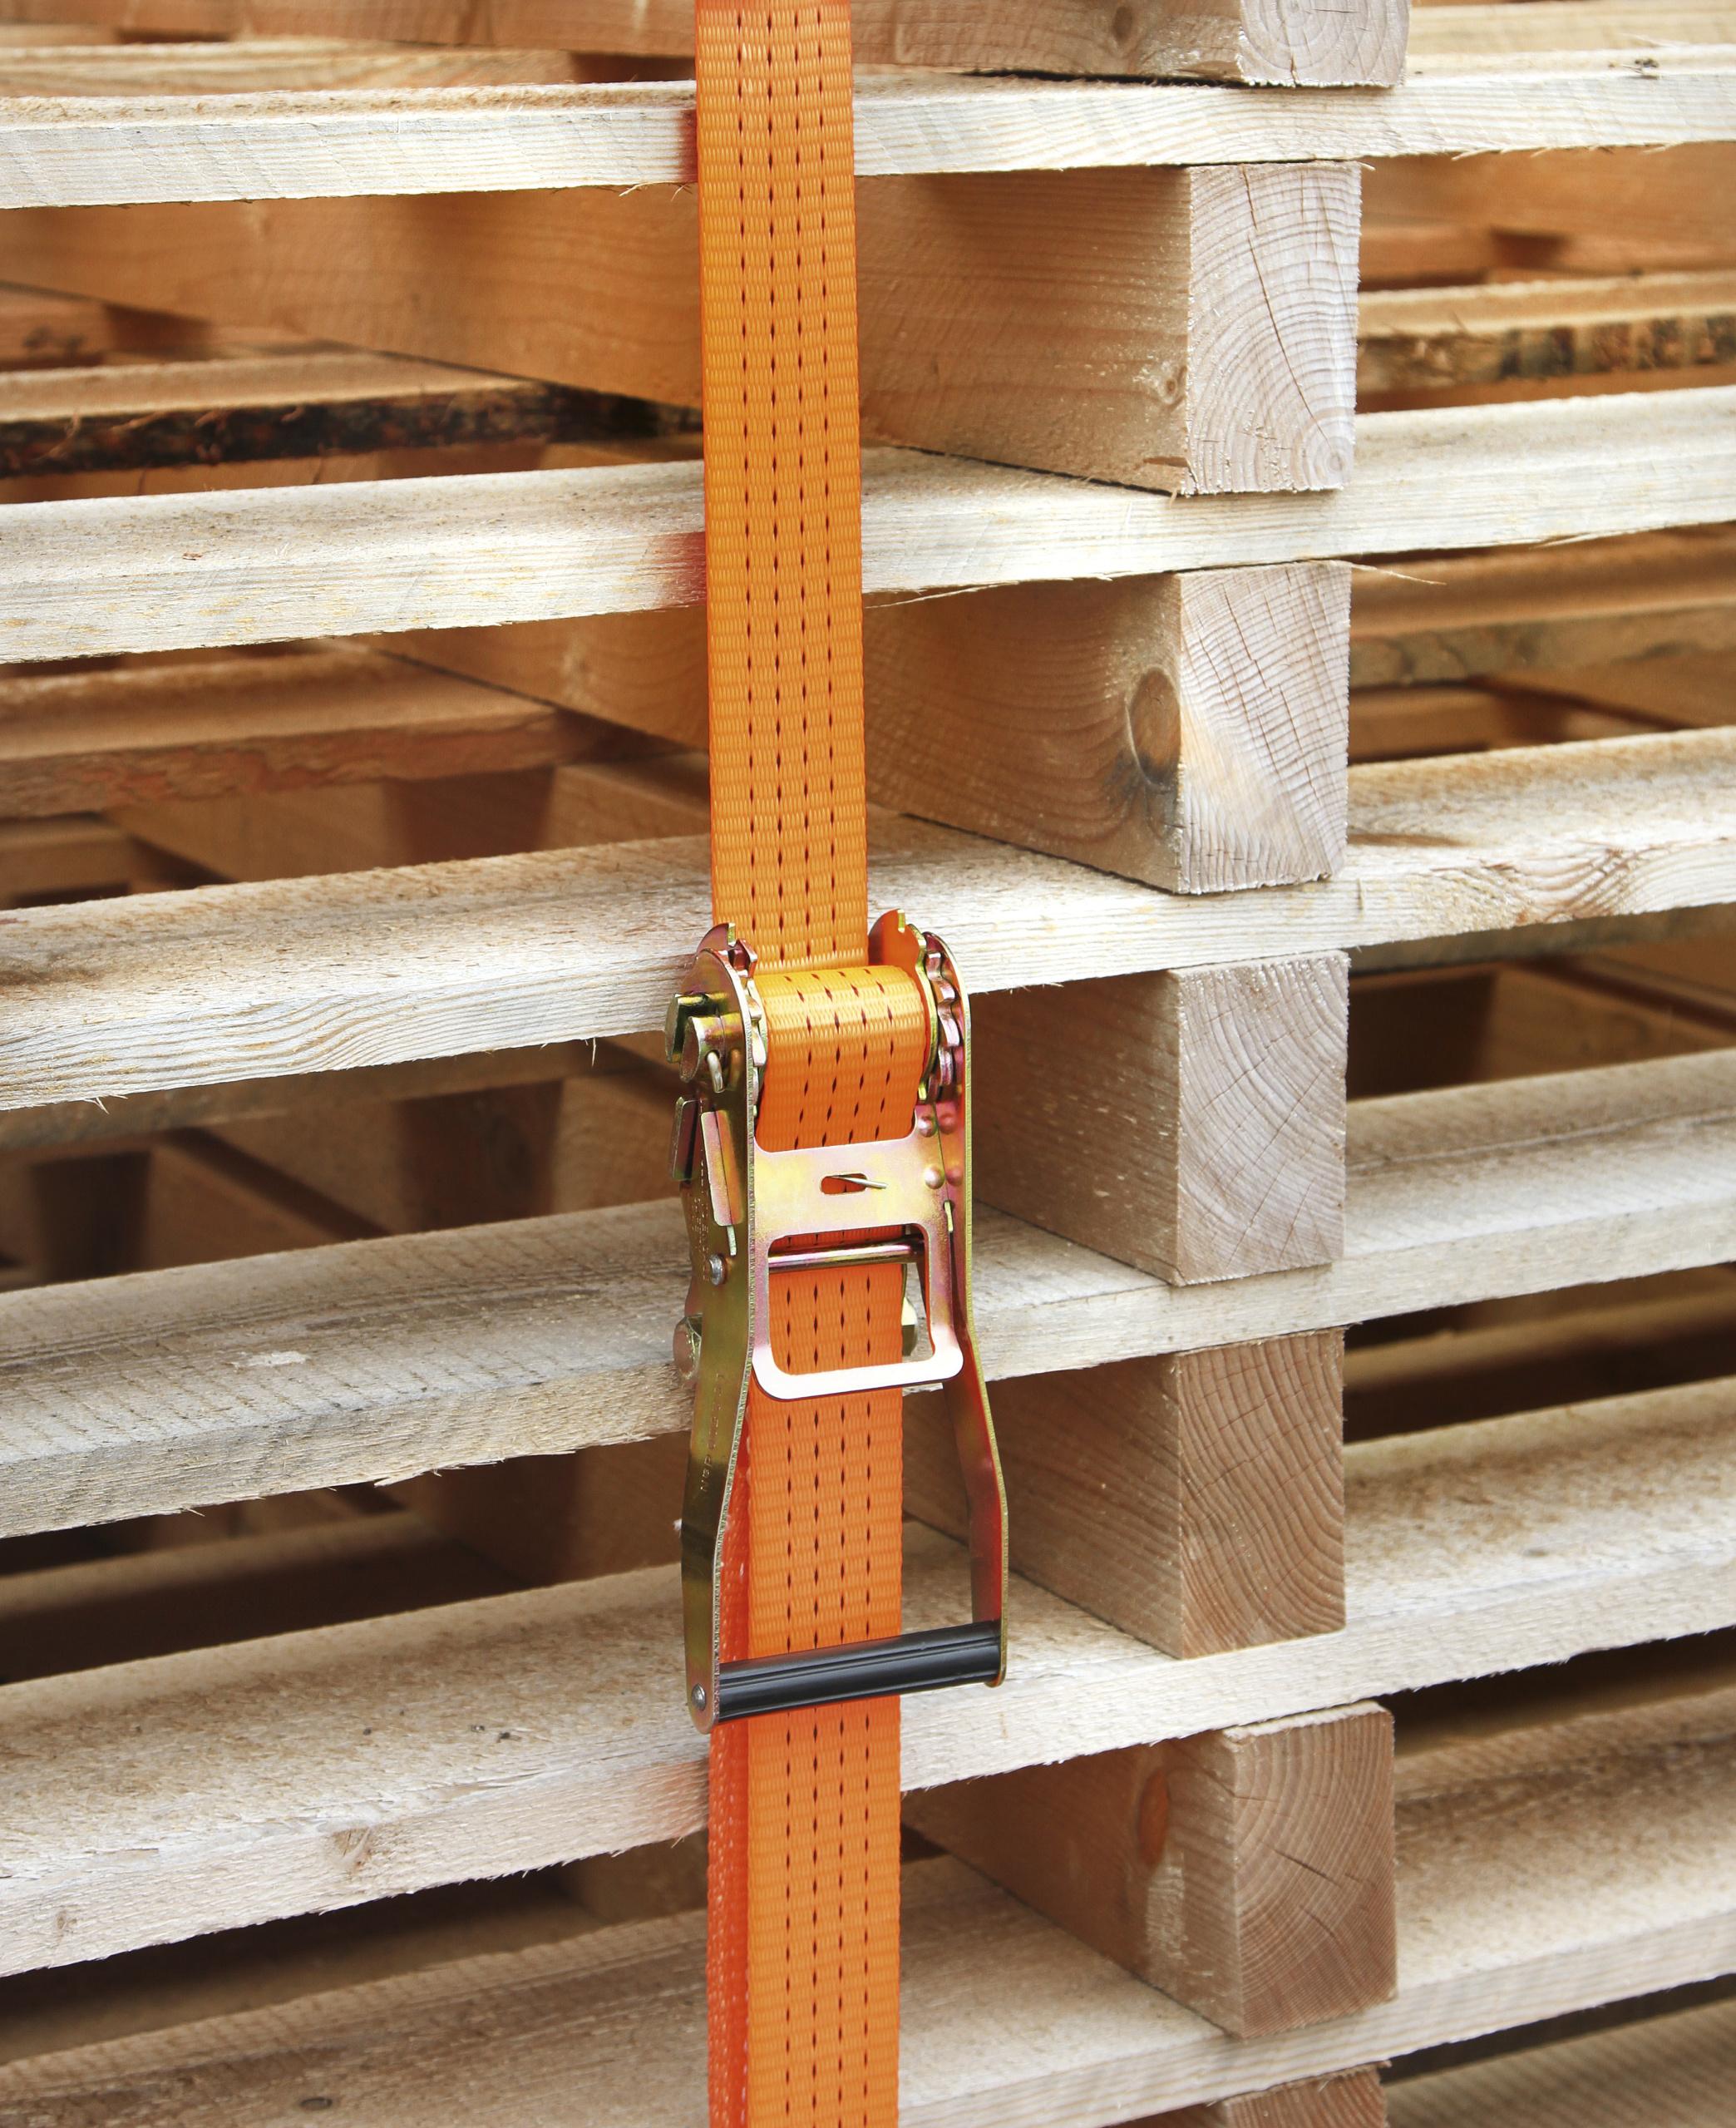 Ratschenzurrgurt 2-tlg. orange 50 mm / 12m, 4000 kg